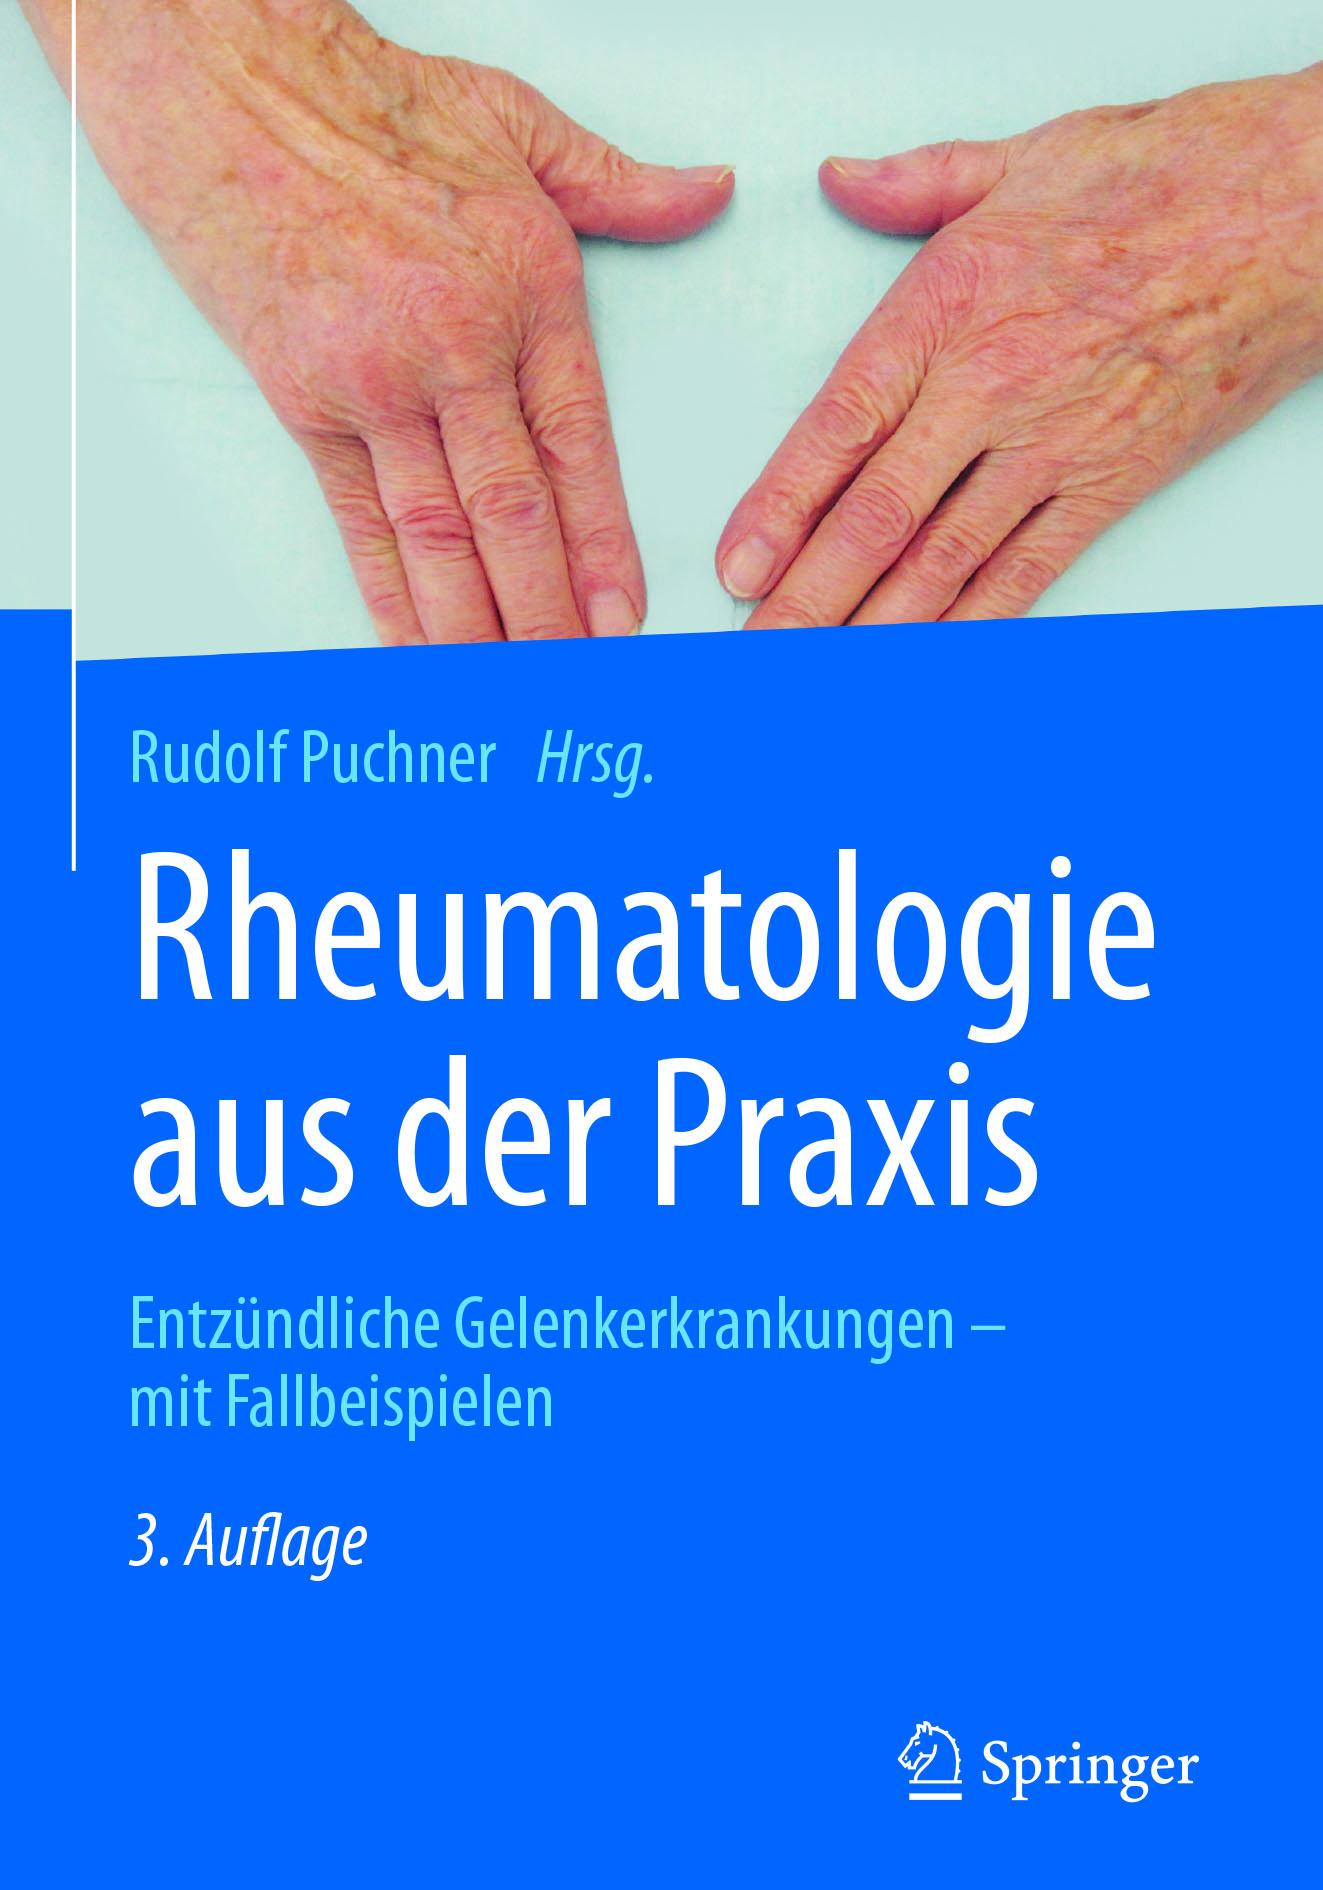 Puchner, Rudolf - Rheumatologie aus der Praxis, ebook